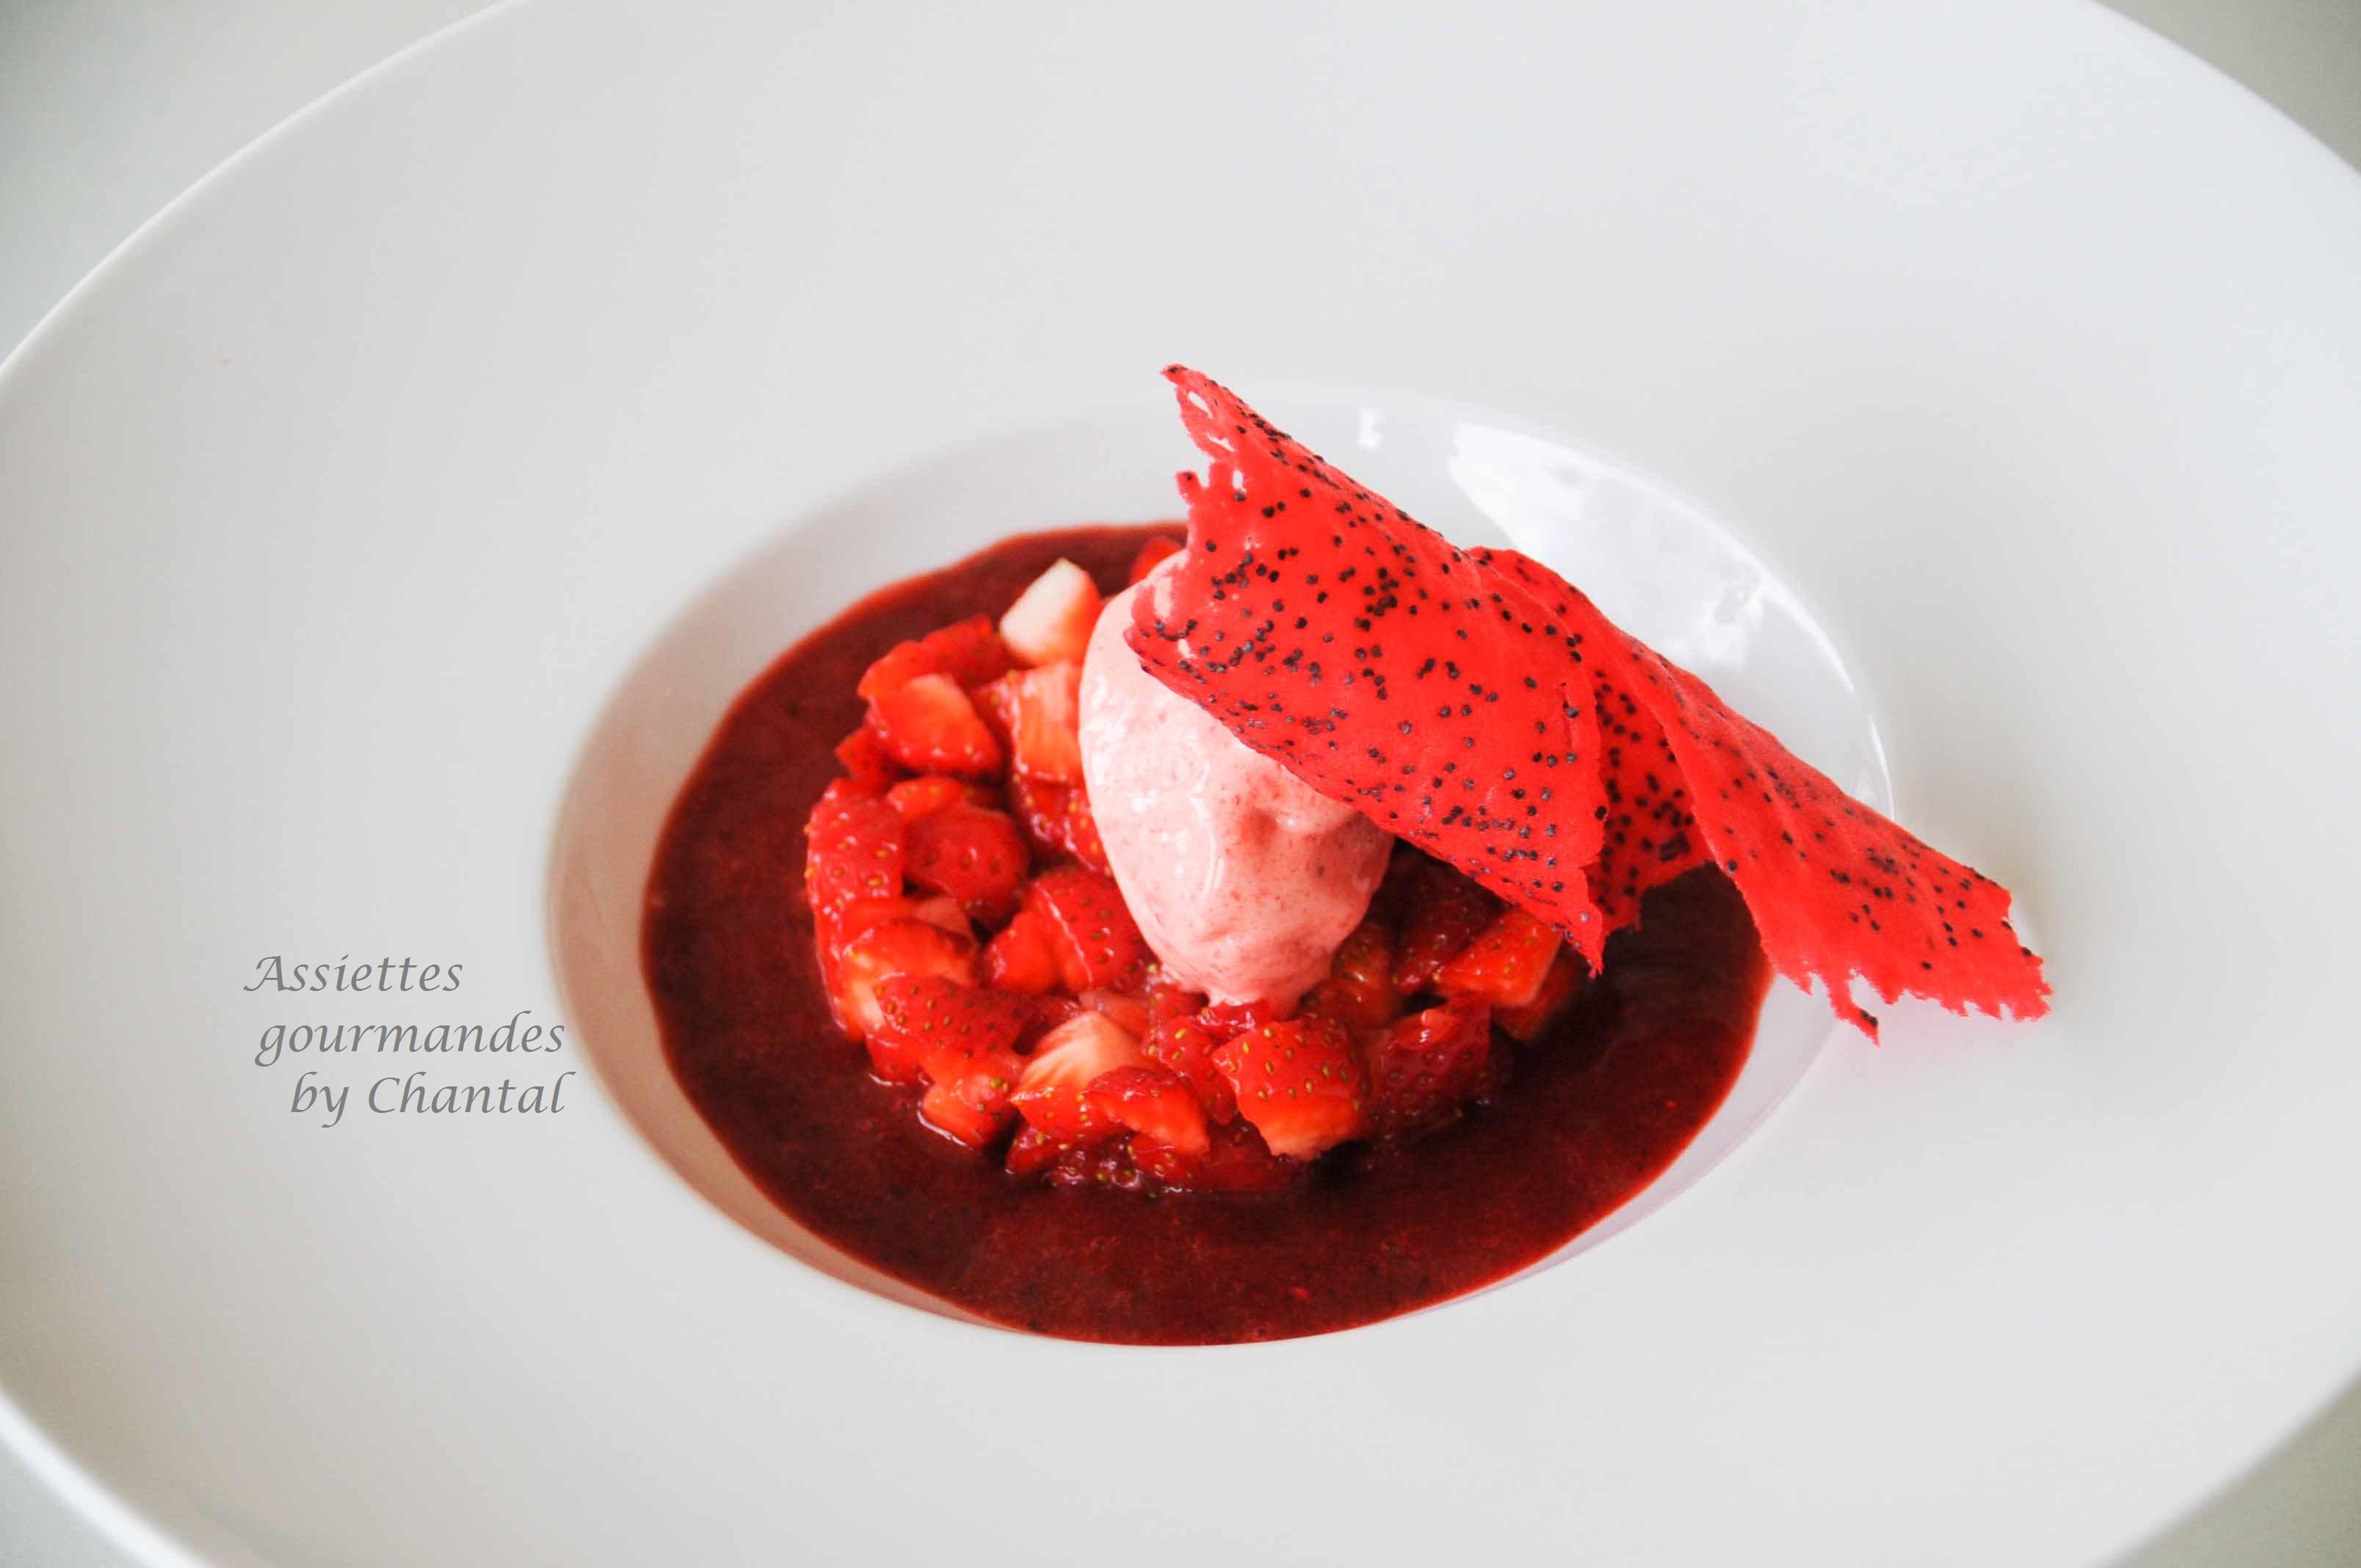 Dessert aux fraises [et sorbet fraises Thermomix]... un dessert tout rouge de Christophe Felder